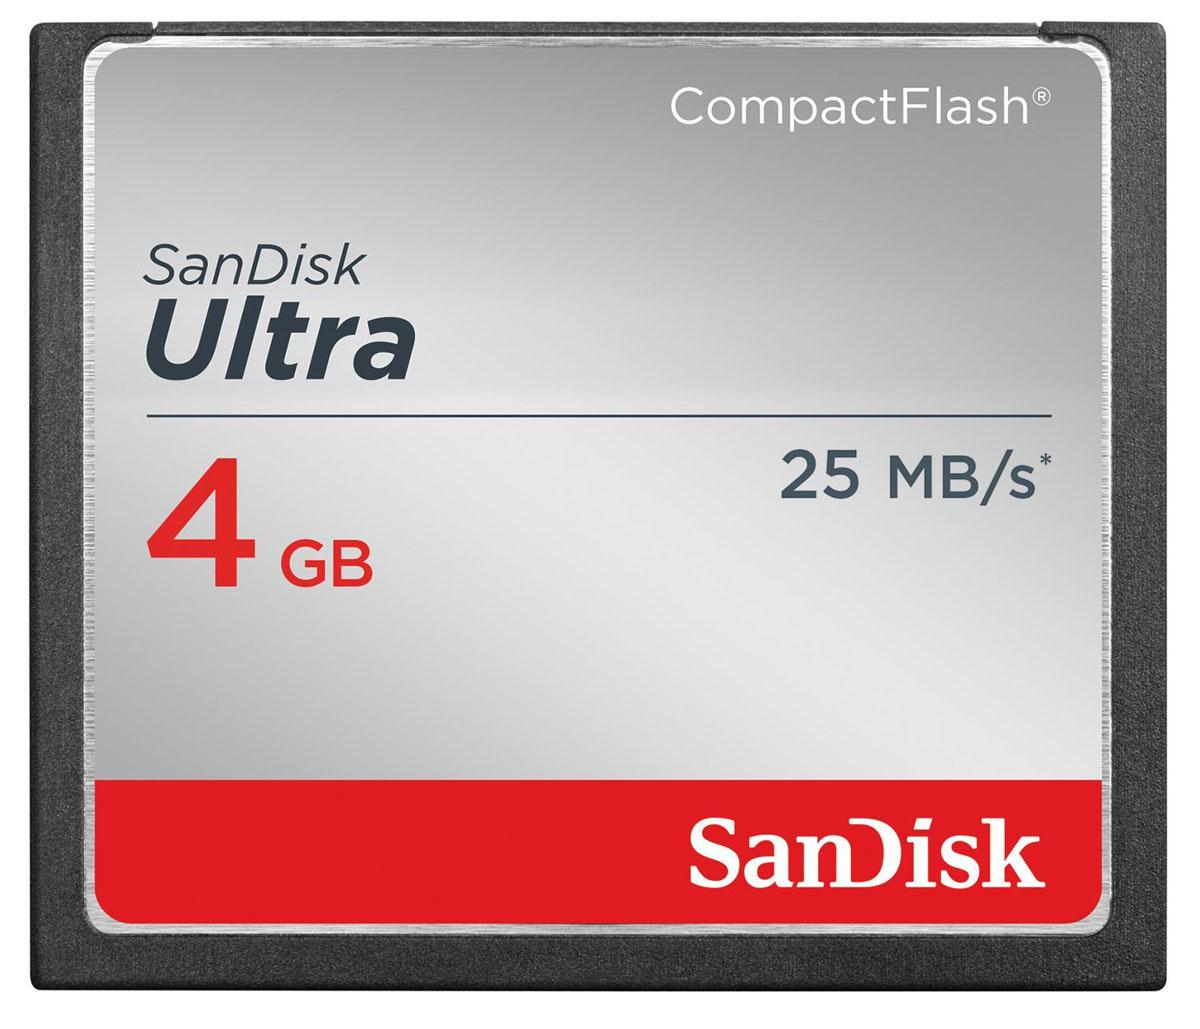 SanDisk Ultra CompactFlash 4GB карта памятиSDCFHS-004G-G46Высокая скорость передачи данных и стабильная производительность карт памяти SanDisk Ultra CompactFlash помогают полностью раскрыть потенциал фотоаппаратов, видеокамер и других устройств, рассчитанных на карты памяти CompactFlash. Емкость этих карт CompactFlash достигает 32 ГБ, чтобы вы могли вести съемку, не беспокоясь о количестве свободного места. Карты памяти SanDisk Ultra CompactFlash отличаются идеальным сочетанием надежности, цены и производительности для любителей фотографии, пользующихся зеркальными цифровыми фотоаппаратами начального и среднего уровней. Снимайте мимолетные мгновенья и экономьте время на перемещении файлов на компьютер благодаря скорости передачи данных до 50 МБ/с (8–32 ГБ). Карты памяти SanDisk Ultra CompactFlash — это надежные и высокопроизводительные устройства для съемки и хранения фотографий и видео. Поэтому фотографы по всему миру отдают предпочтение картам SanDisk, когда речь заходит о хранении важнейших воспоминаний. ...